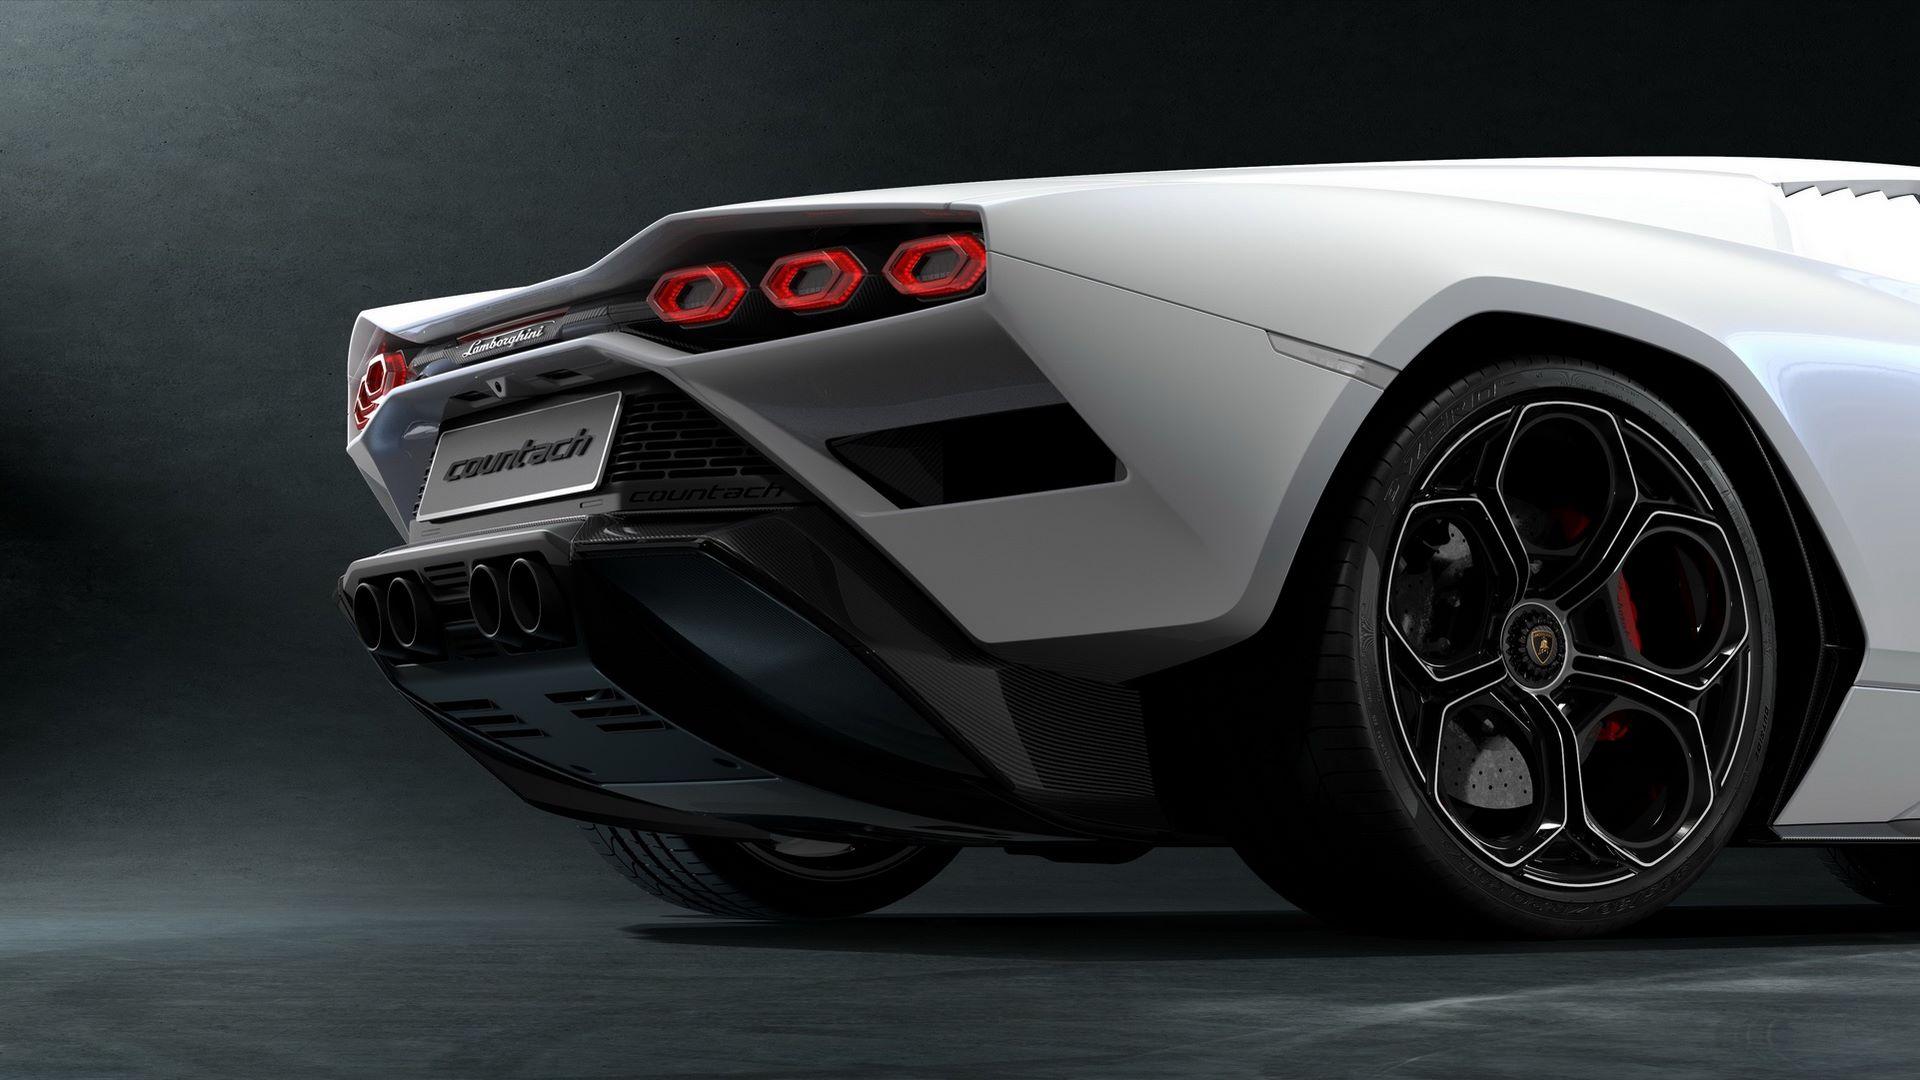 Lamborghini-Countach-LPI-800-4-79